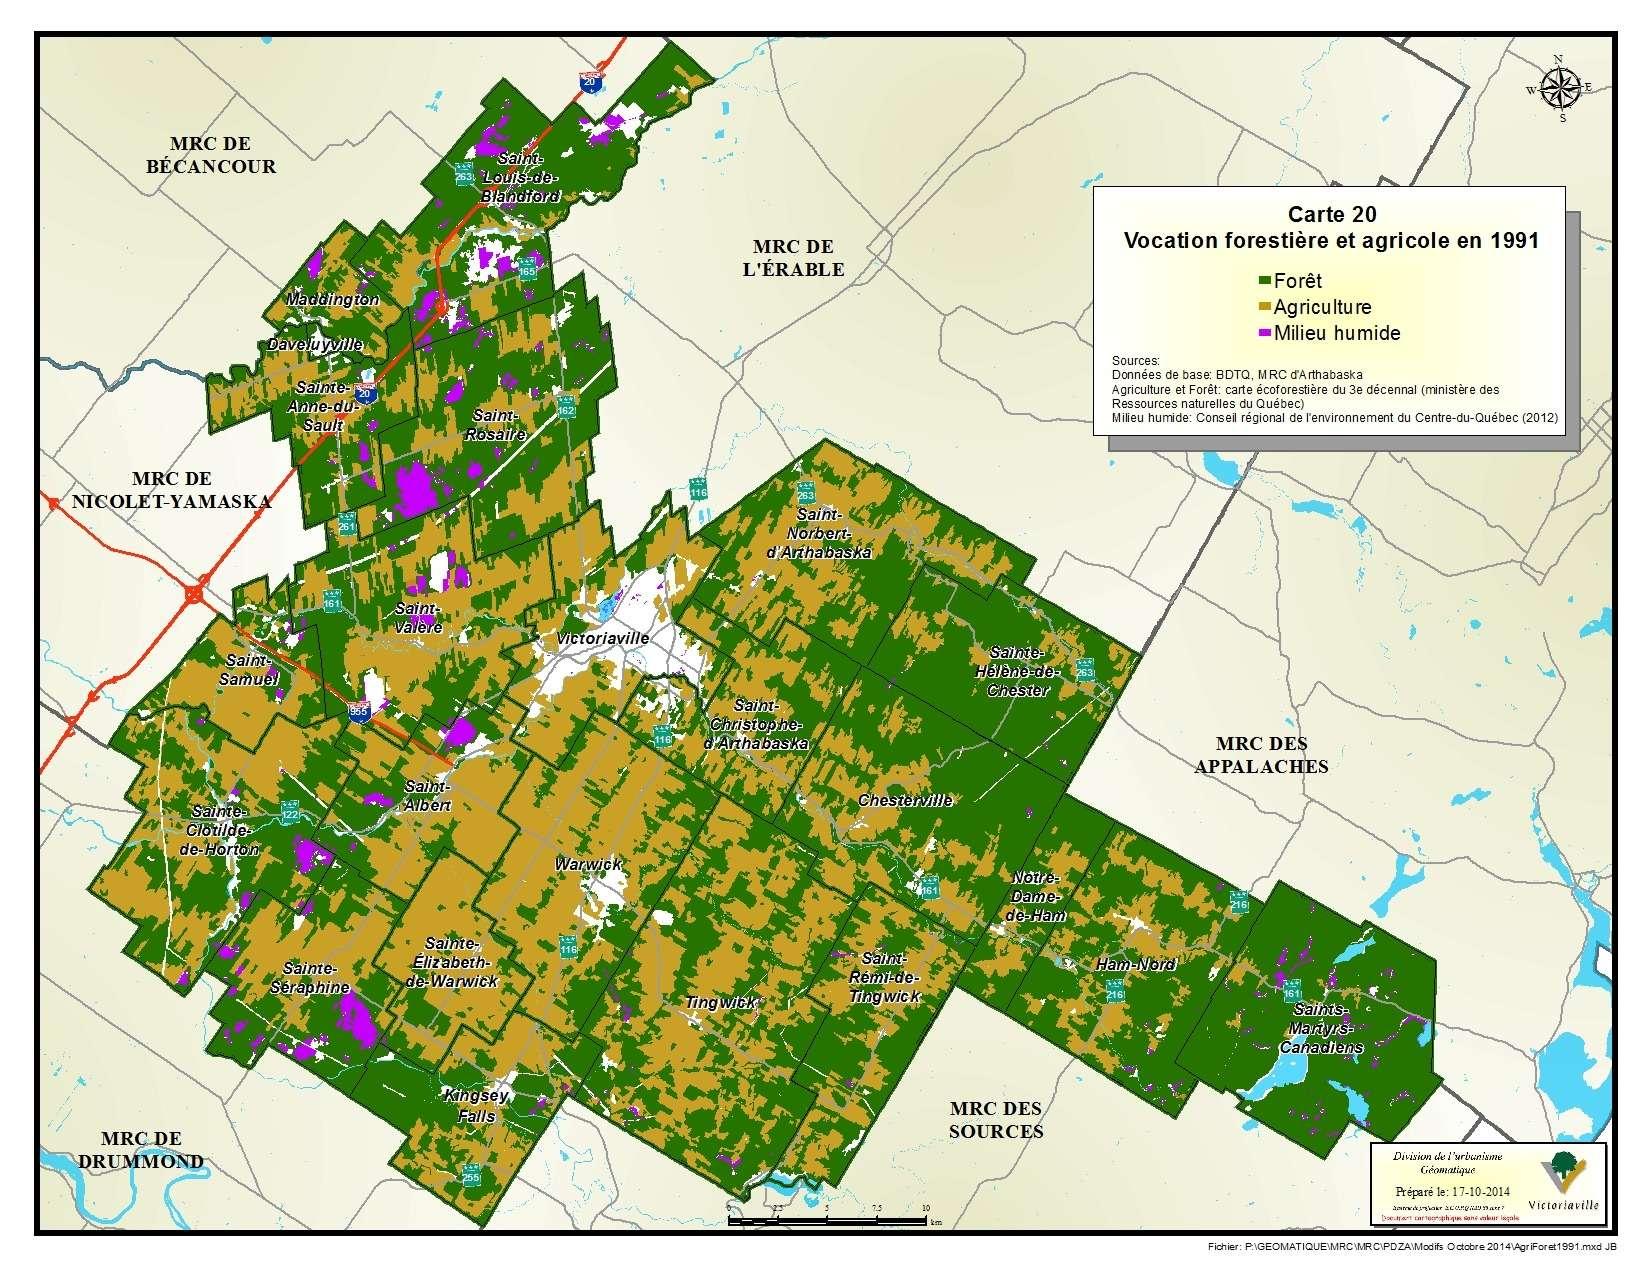 Carte 20 de 23 - Vocation forestière et agricole en 1991